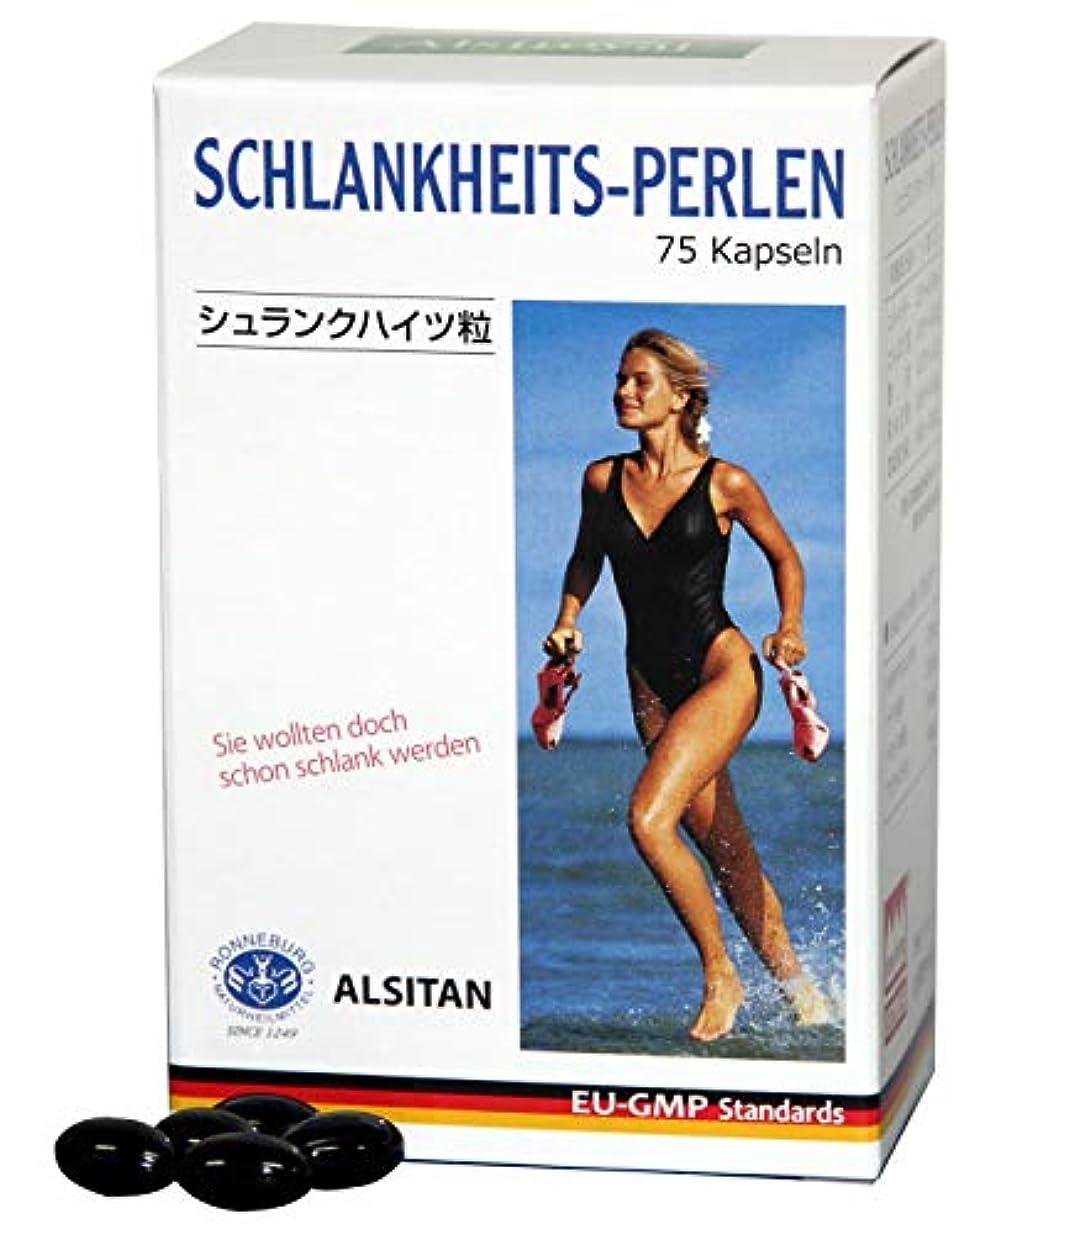 ぼかす熱私のシュランクハイツ粒 ダイエットサプリメント 2箱セット 150粒 増量新箱